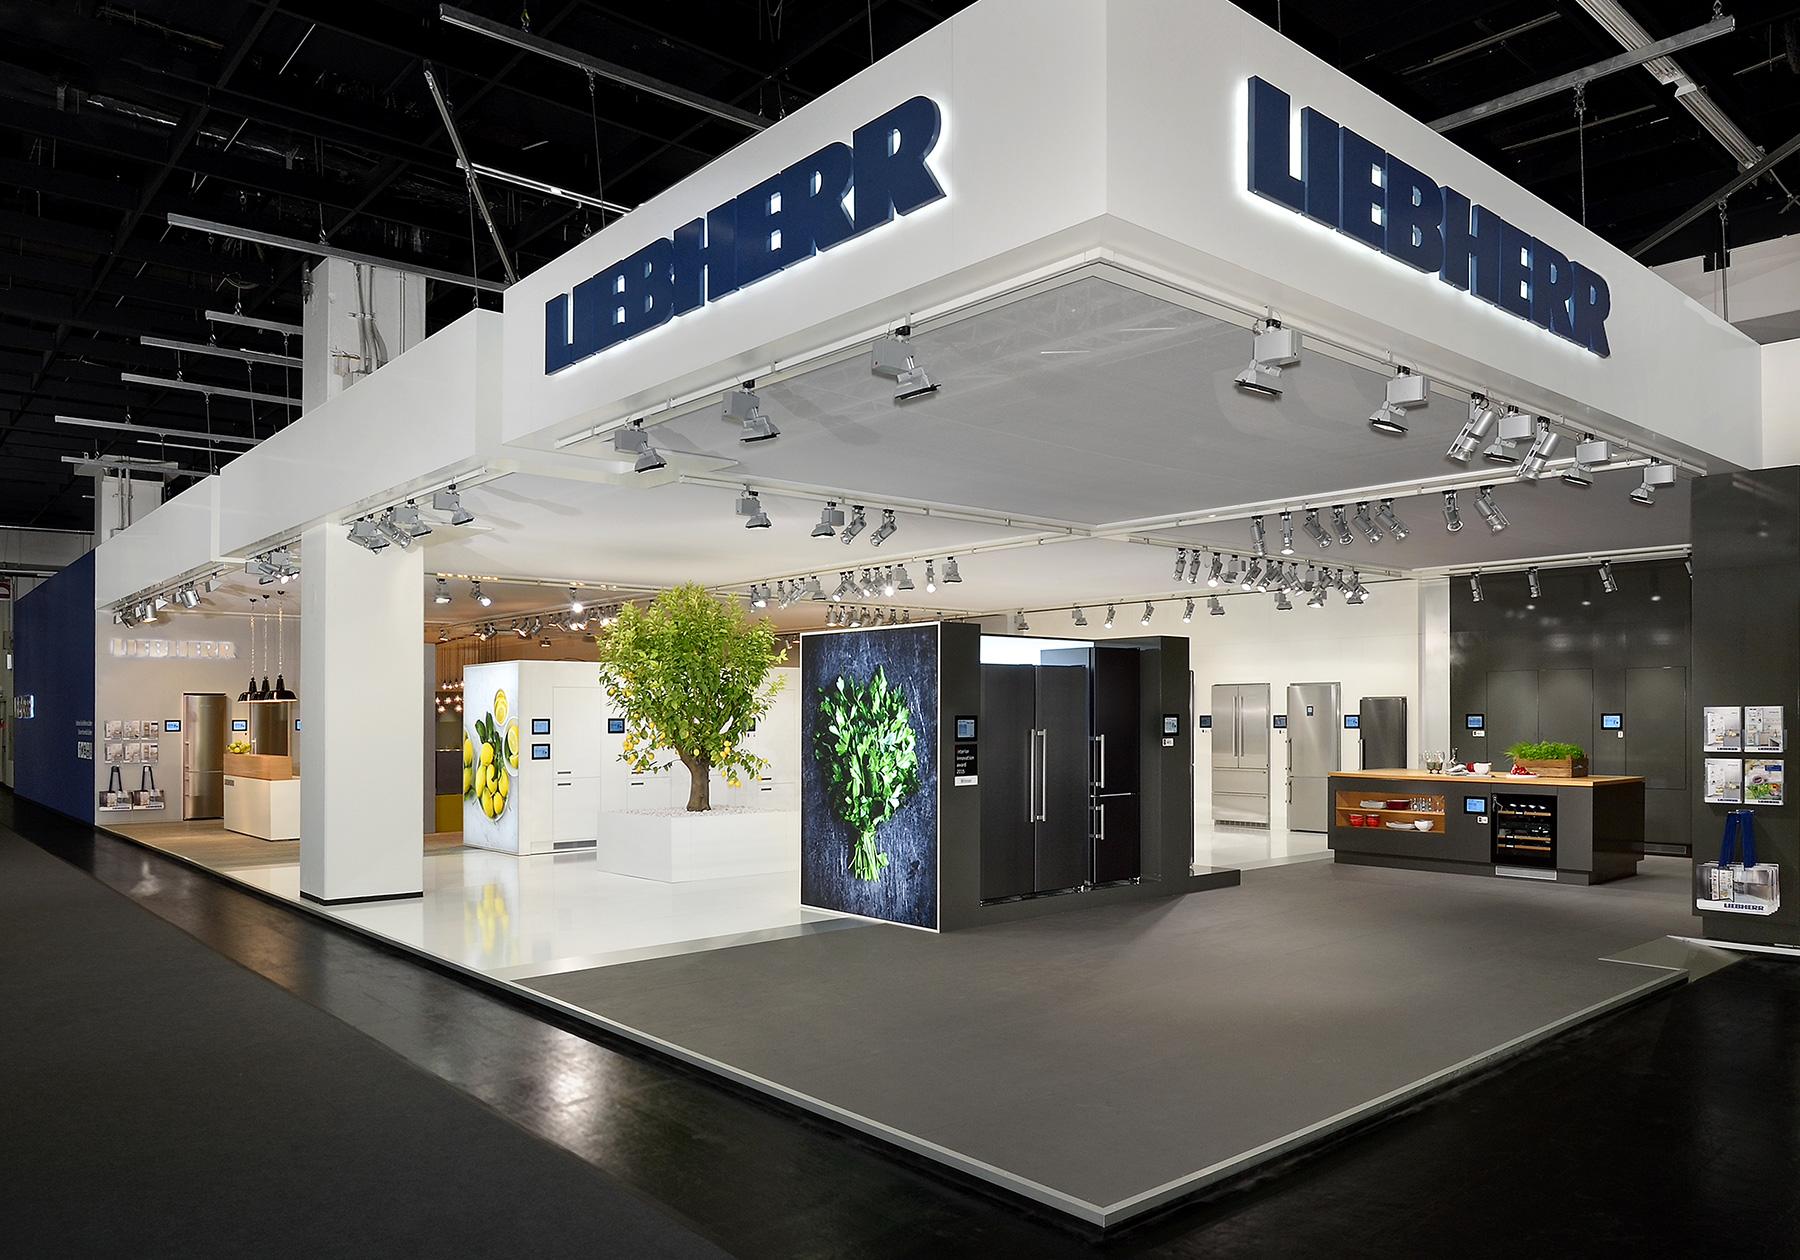 liebherr auf der living kitchen imm cologne newsroom. Black Bedroom Furniture Sets. Home Design Ideas